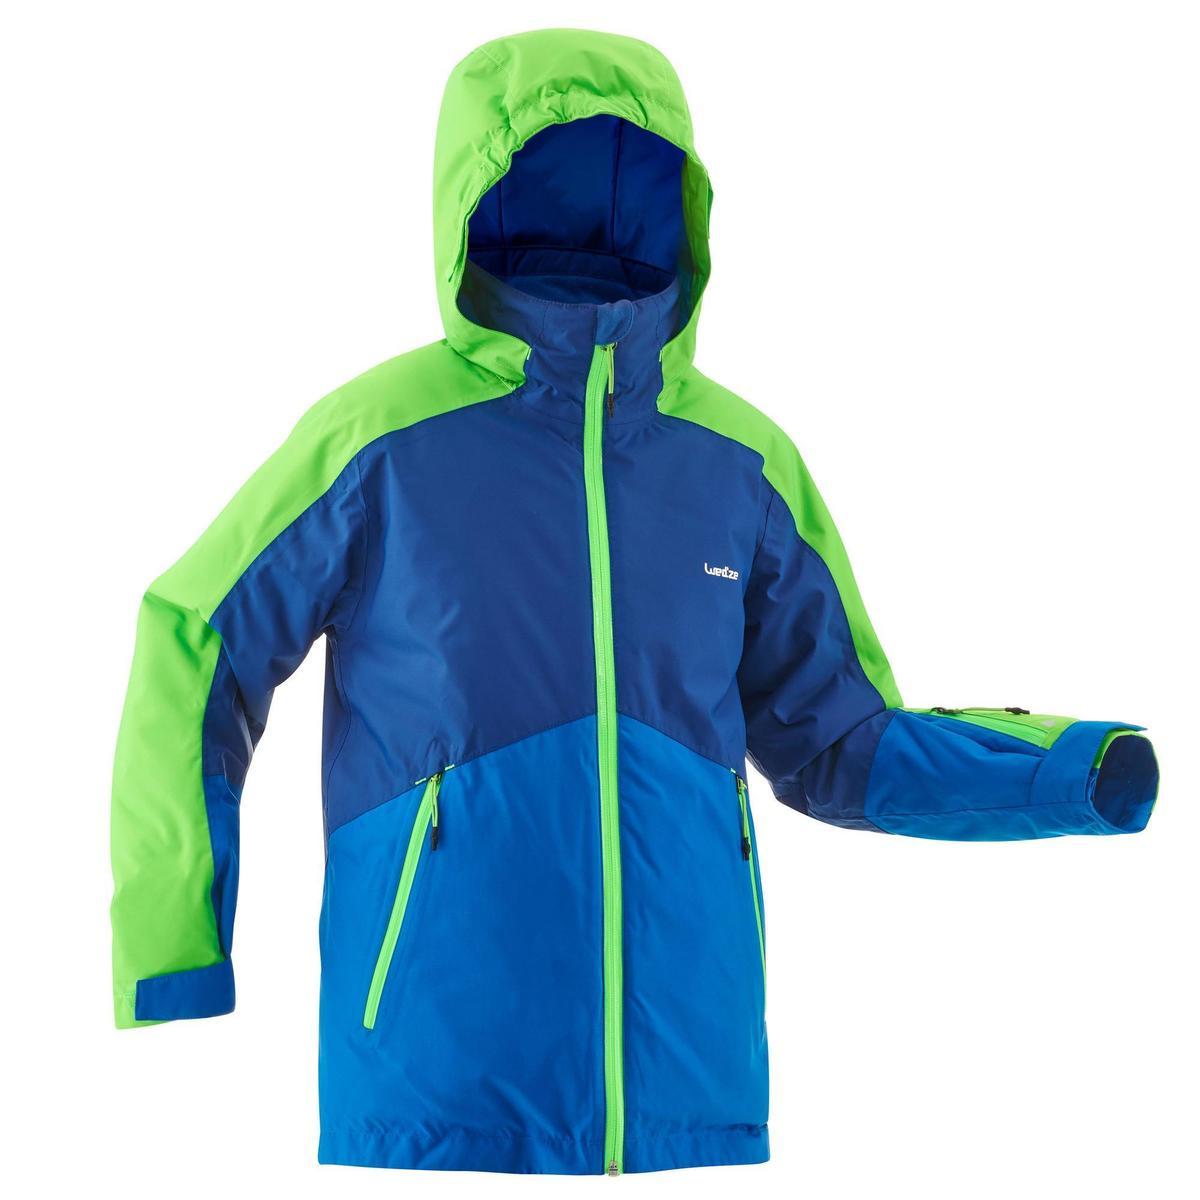 Bild 1 von Skijacke 580 Kinder blau/grün